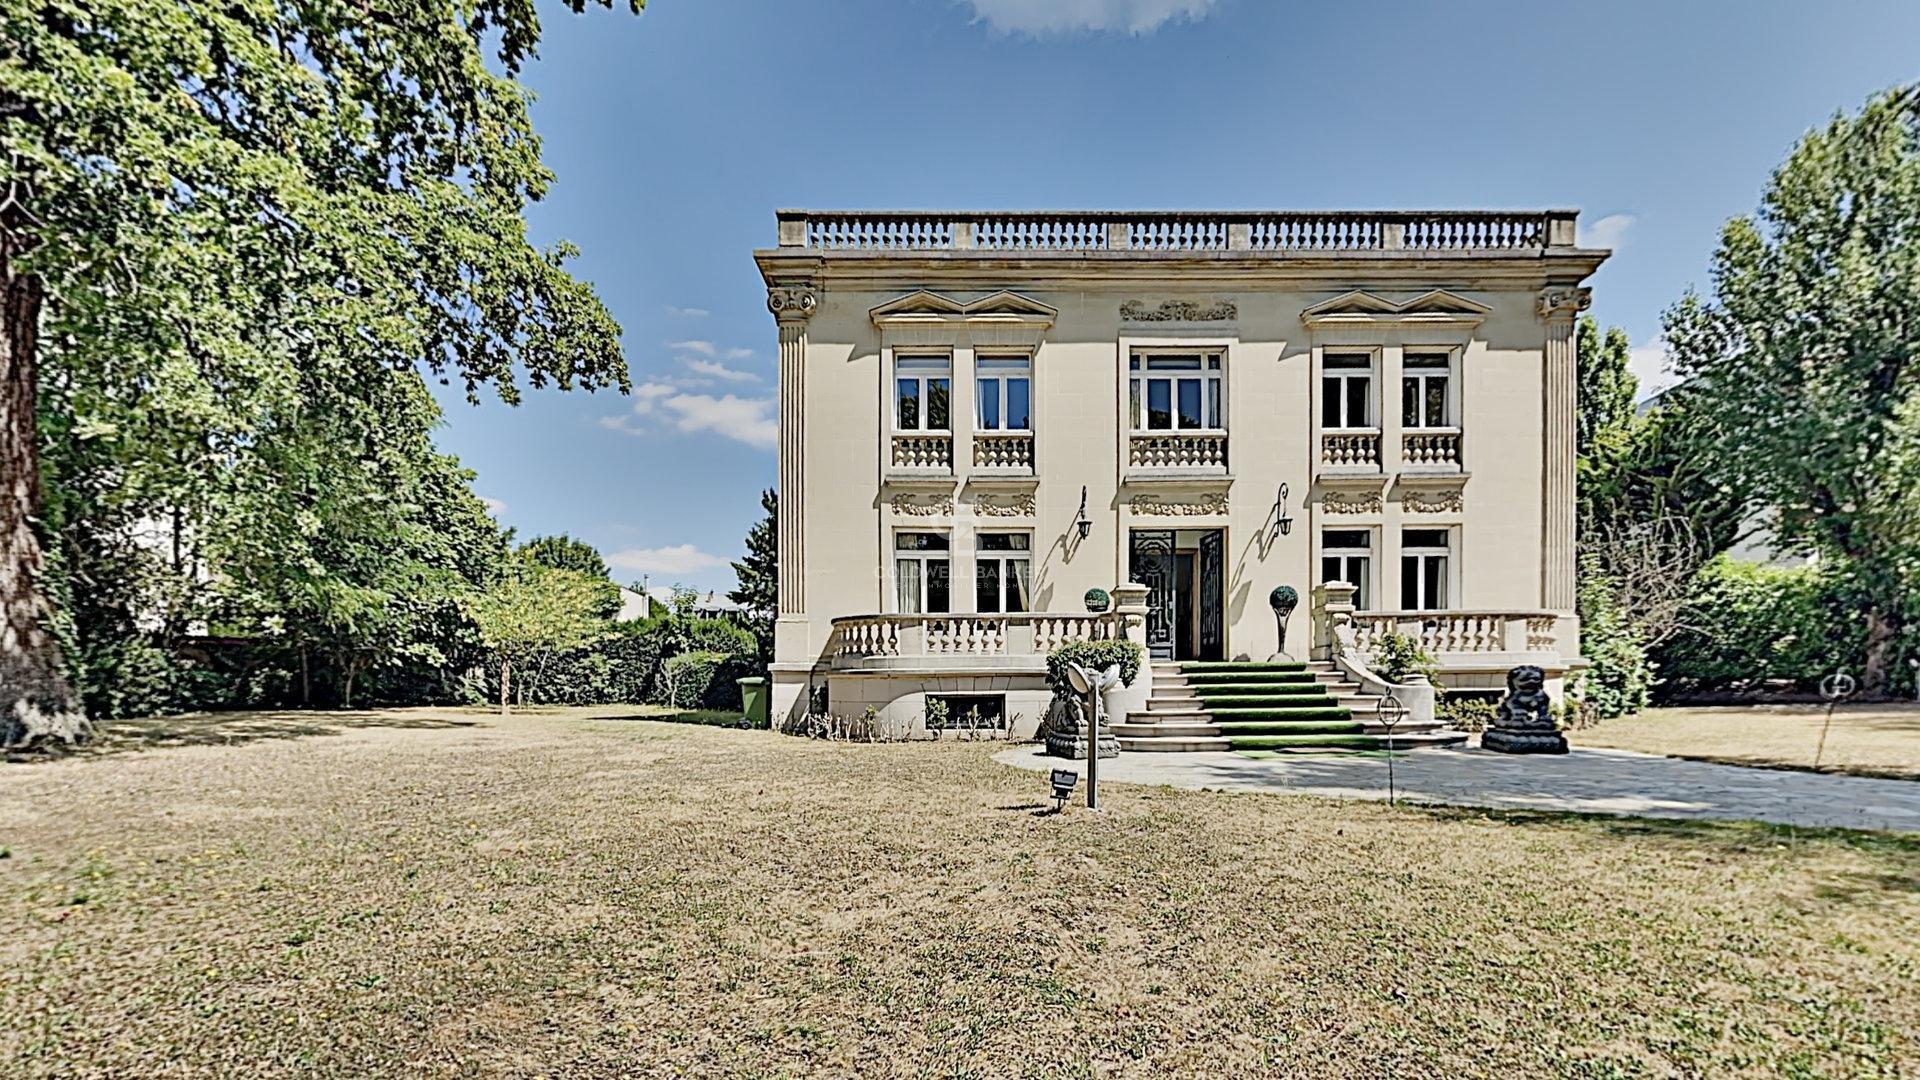 Vente Hôtel particulier - Paris 12ème Bois Clos d'Orléans